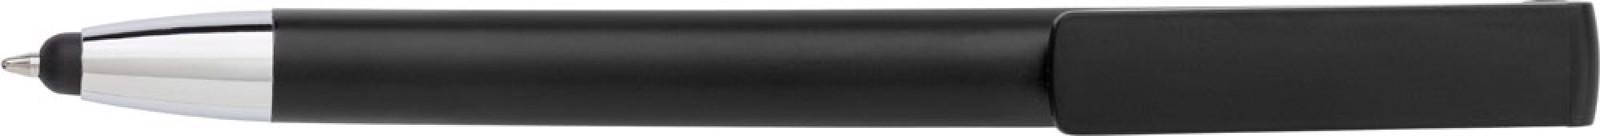 ABS 3-in-1 ballpen - Black